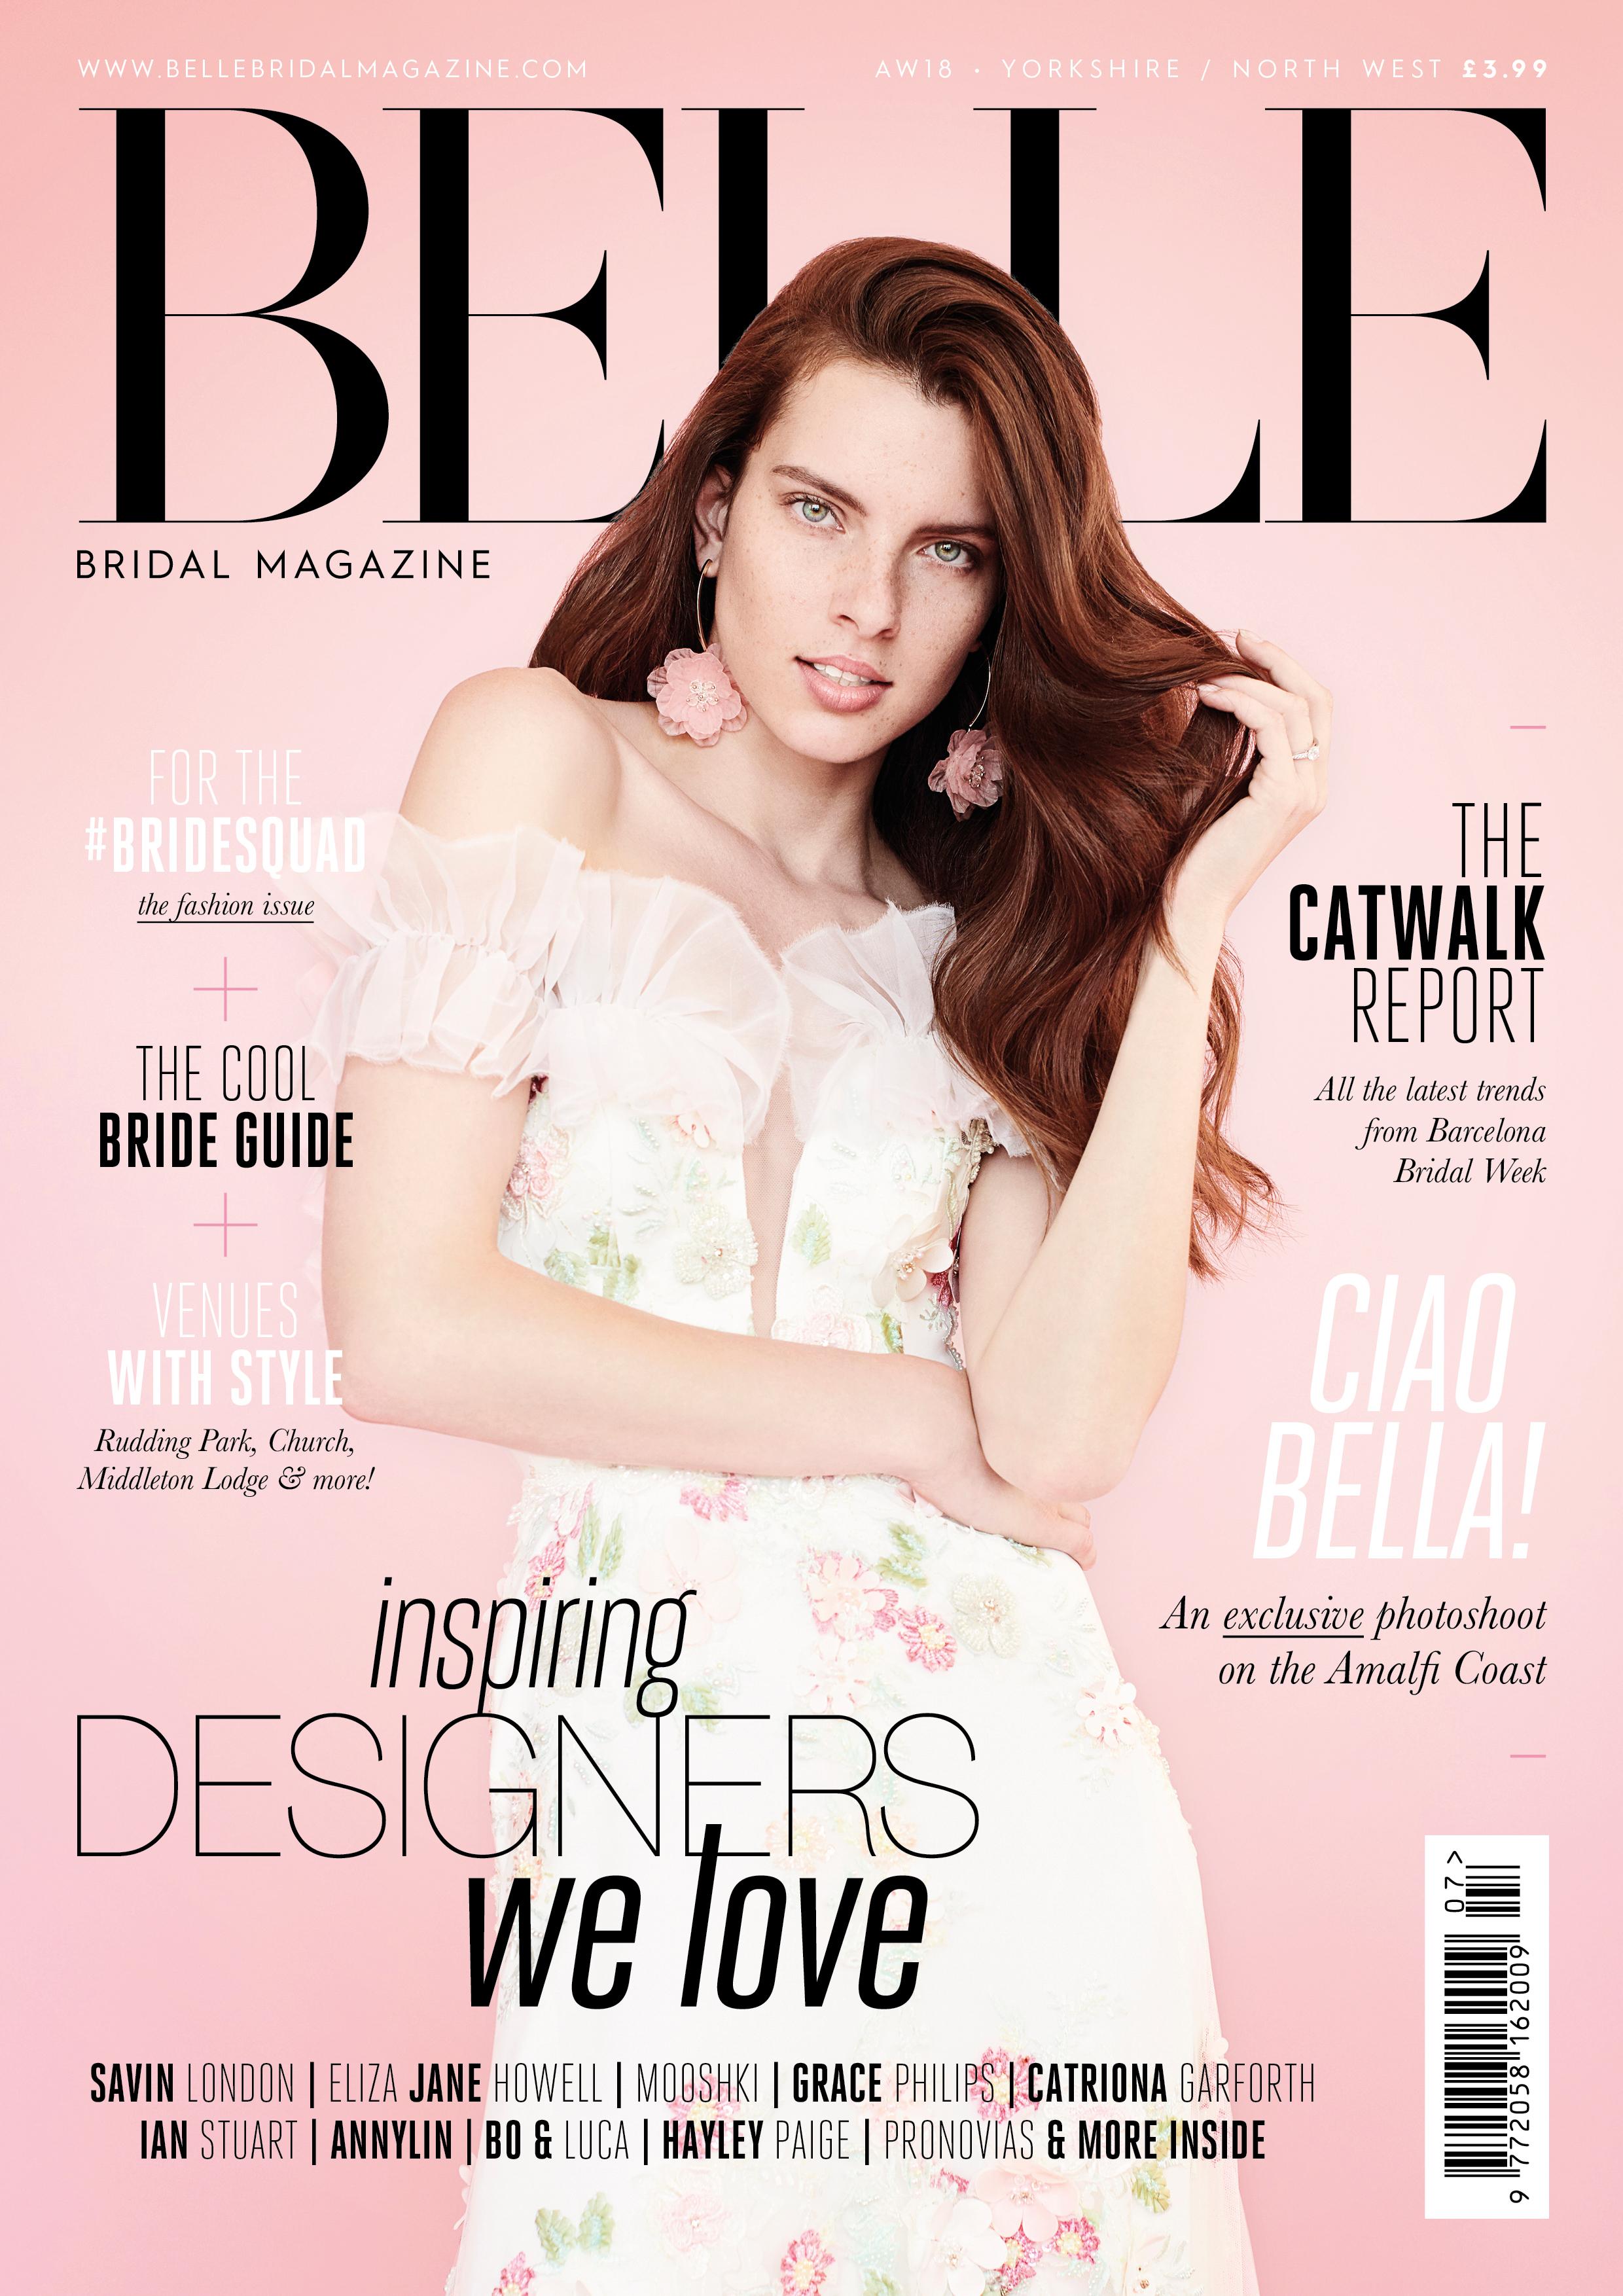 belle bridal feature